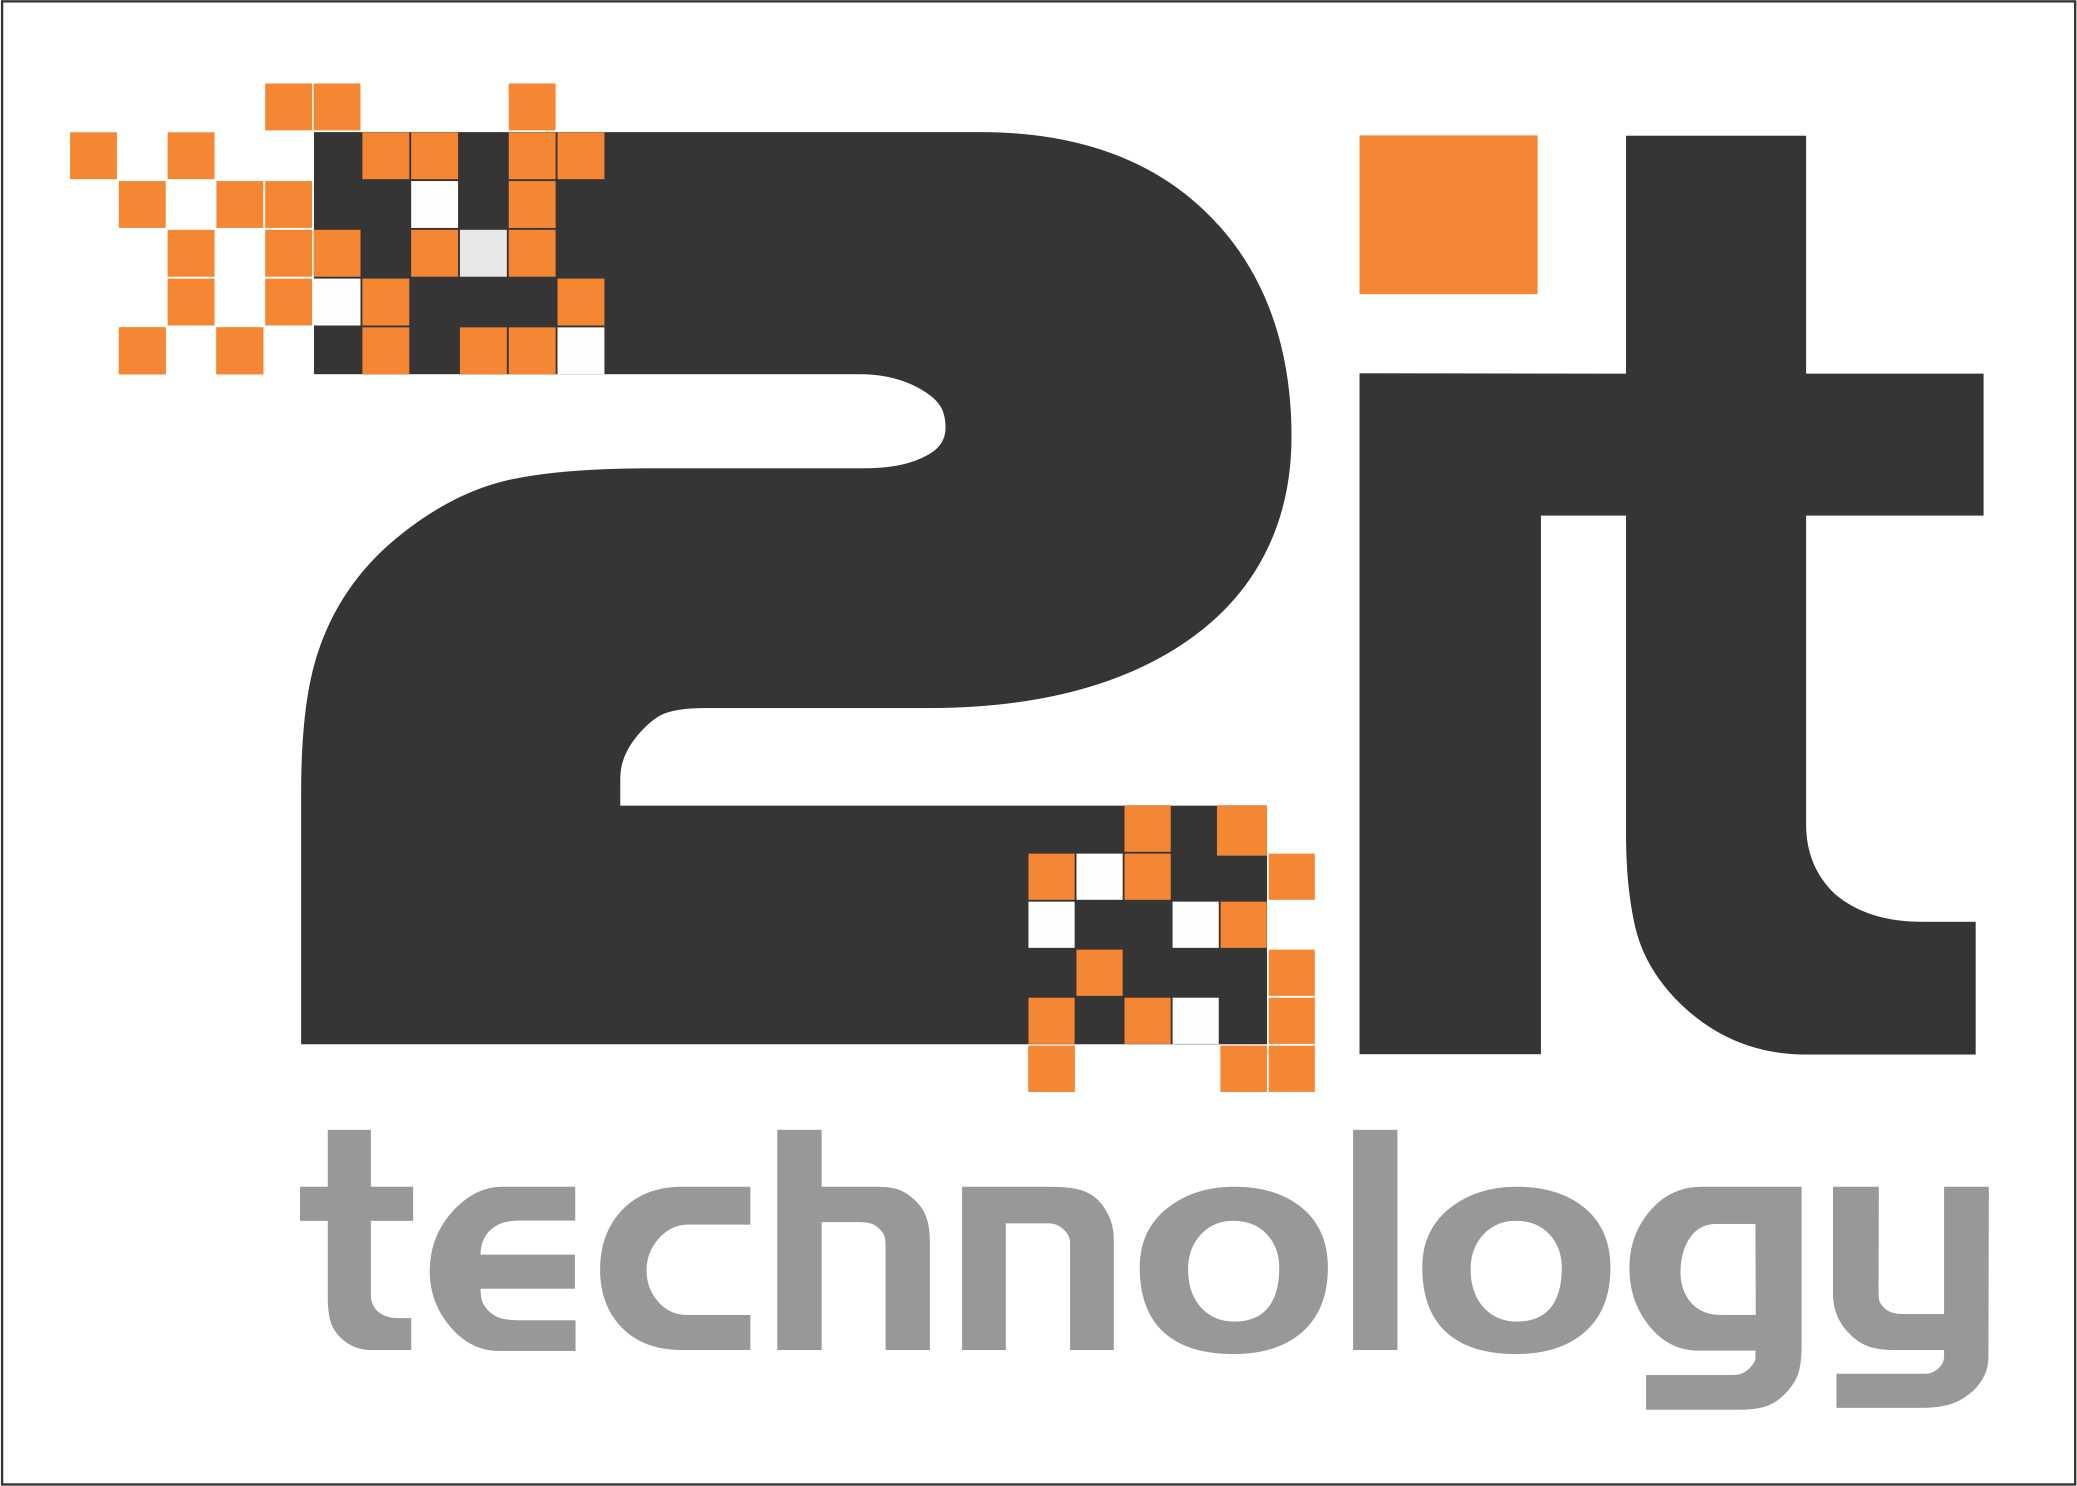 2it-technology